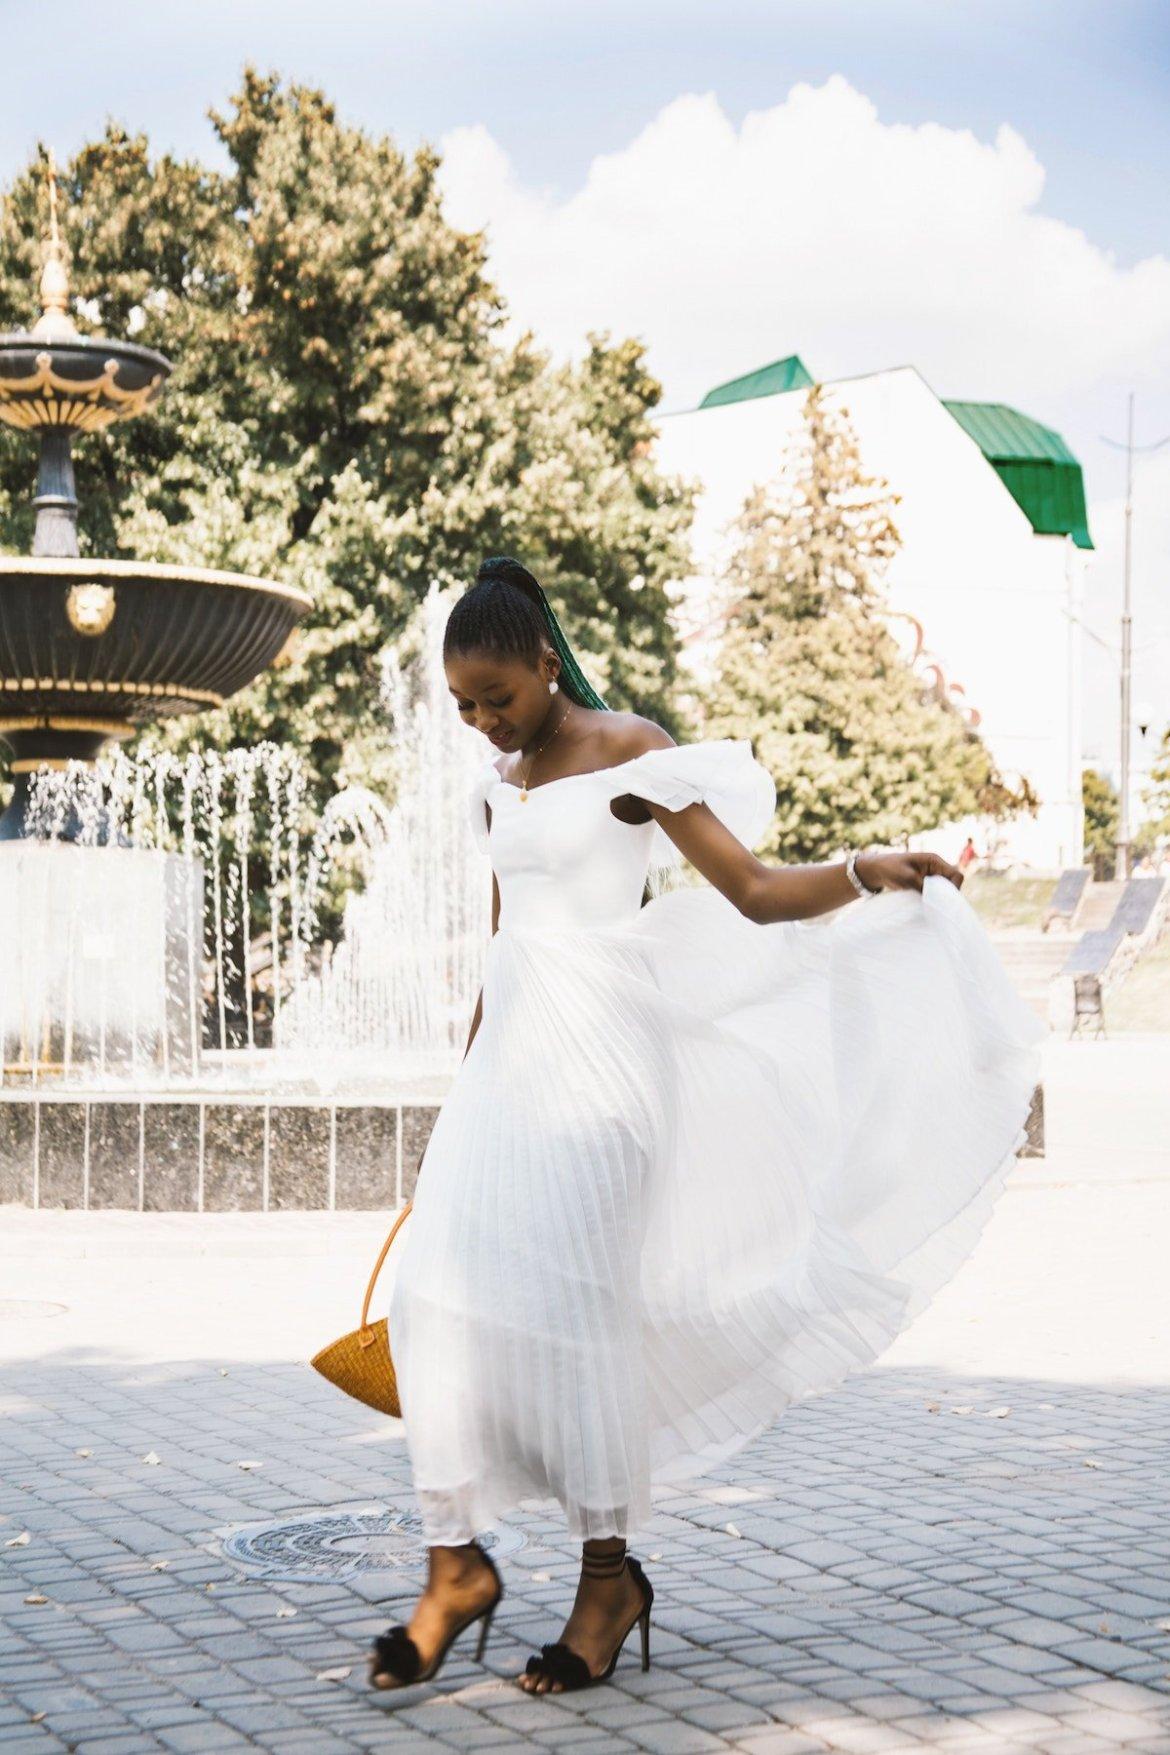 Lady wearing white wedding dress walking